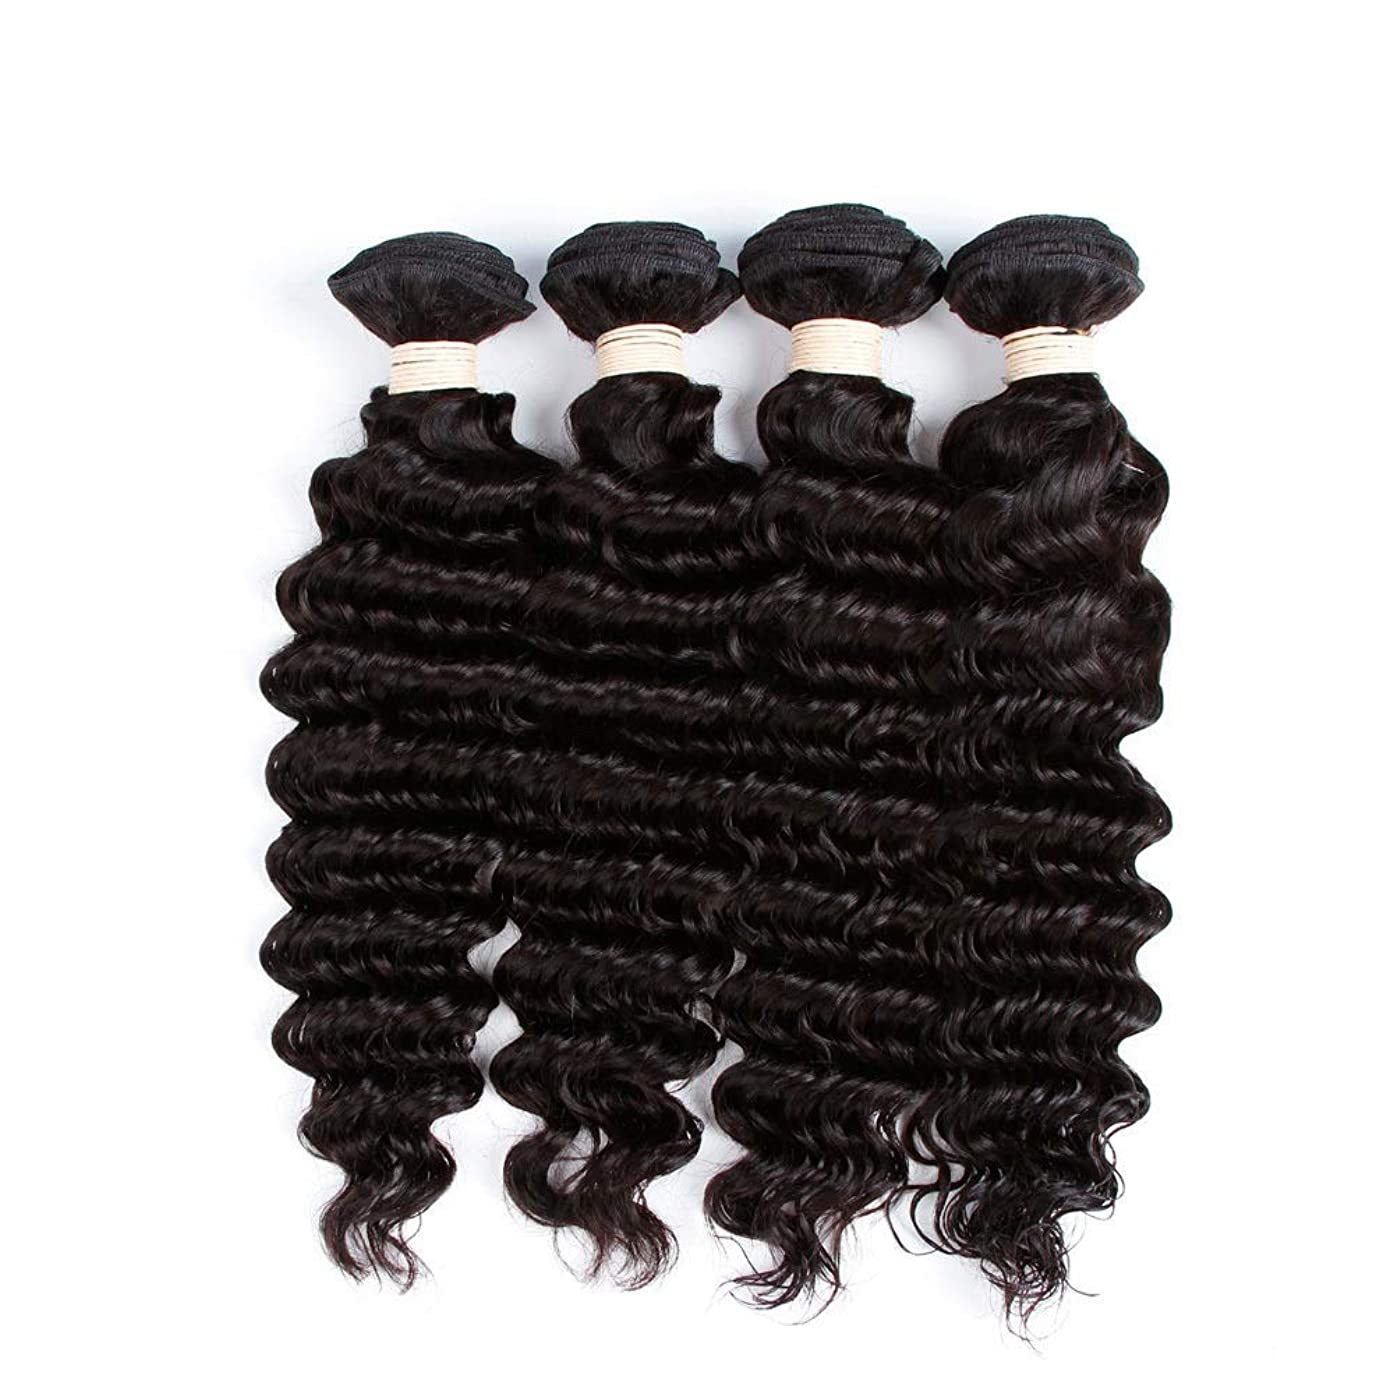 一握り真実にカタログBOBIDYEE 未処理のブラジルの深い巻き毛の束本物の人間のバージンヘアエクステンション - 1束#1Bナチュラルカラー(100 +/- 5g)/ pc女性複合かつらレースかつらロールプレイングかつら (色 : 黒, サイズ : 16 inch)